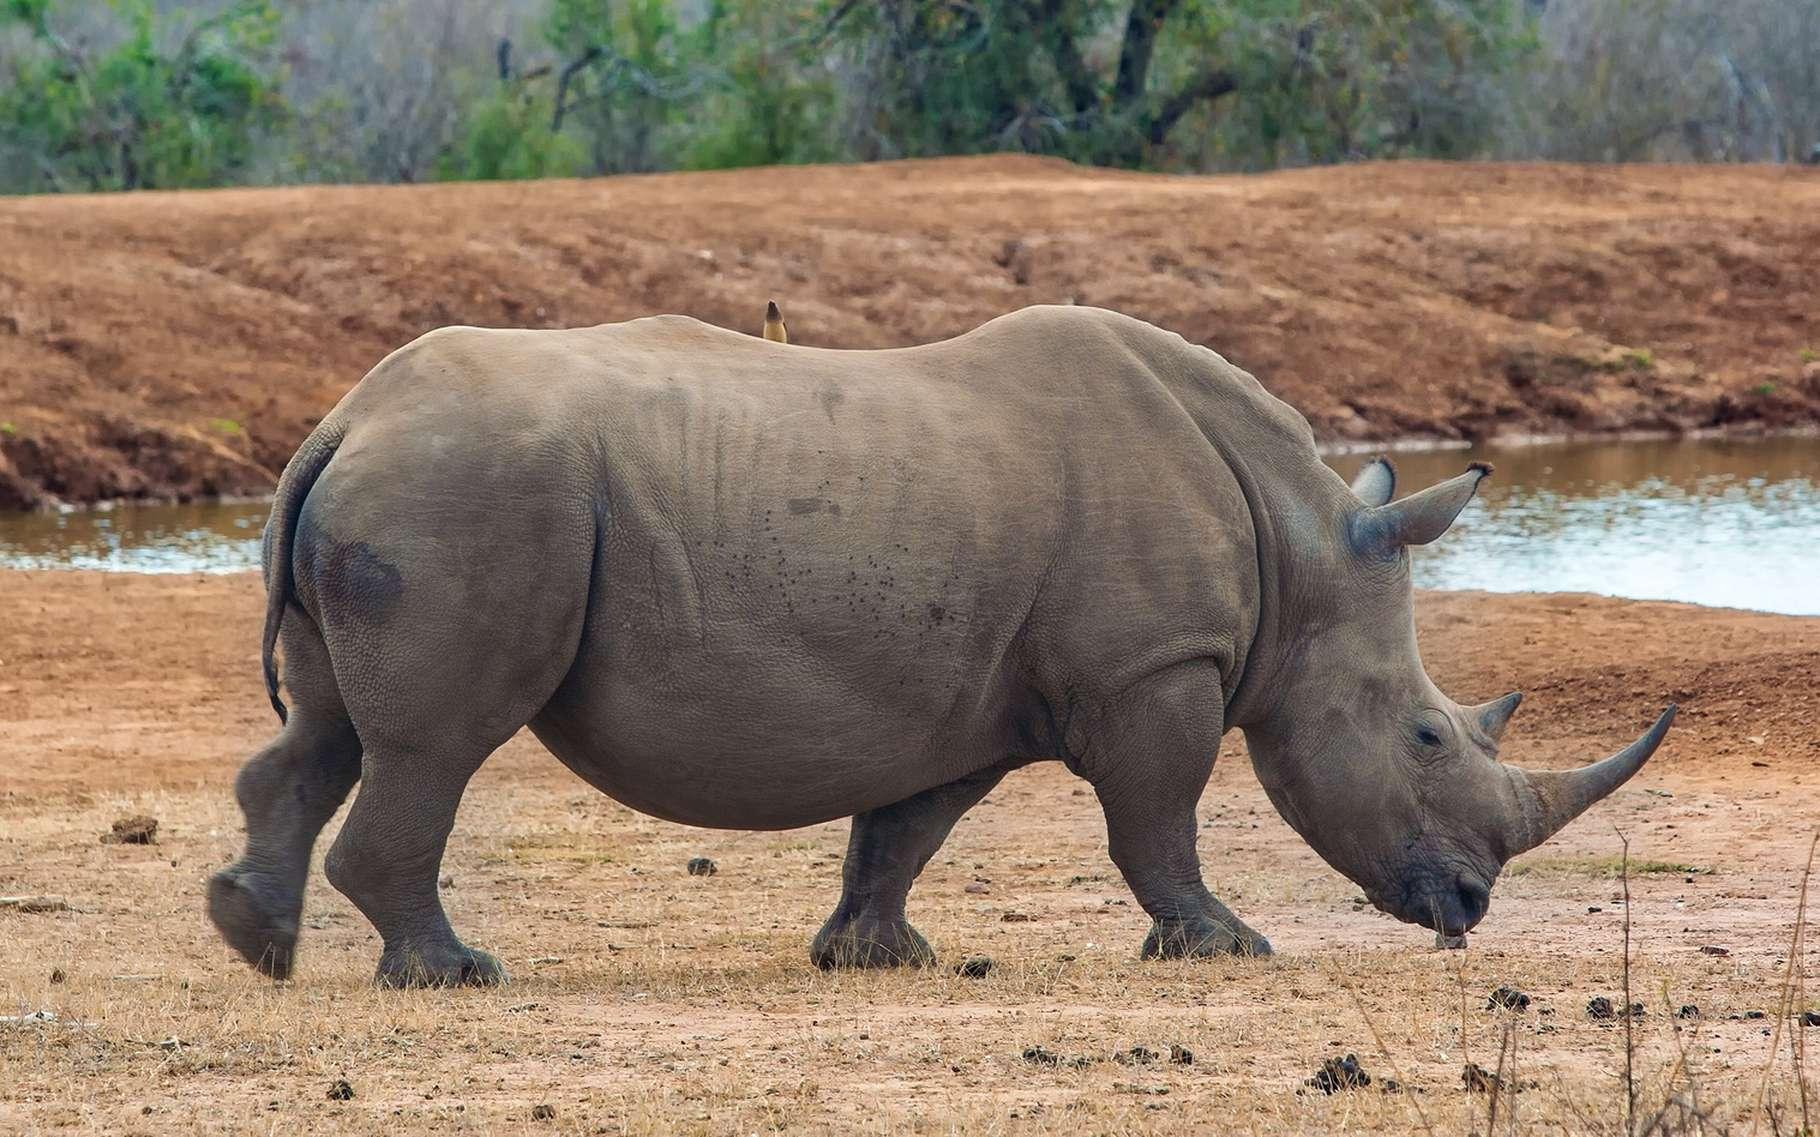 Le rhinocéros blanc d'Afrique a vu sa population augmenter ces dernières années. © Travel Stock, Shutterstock